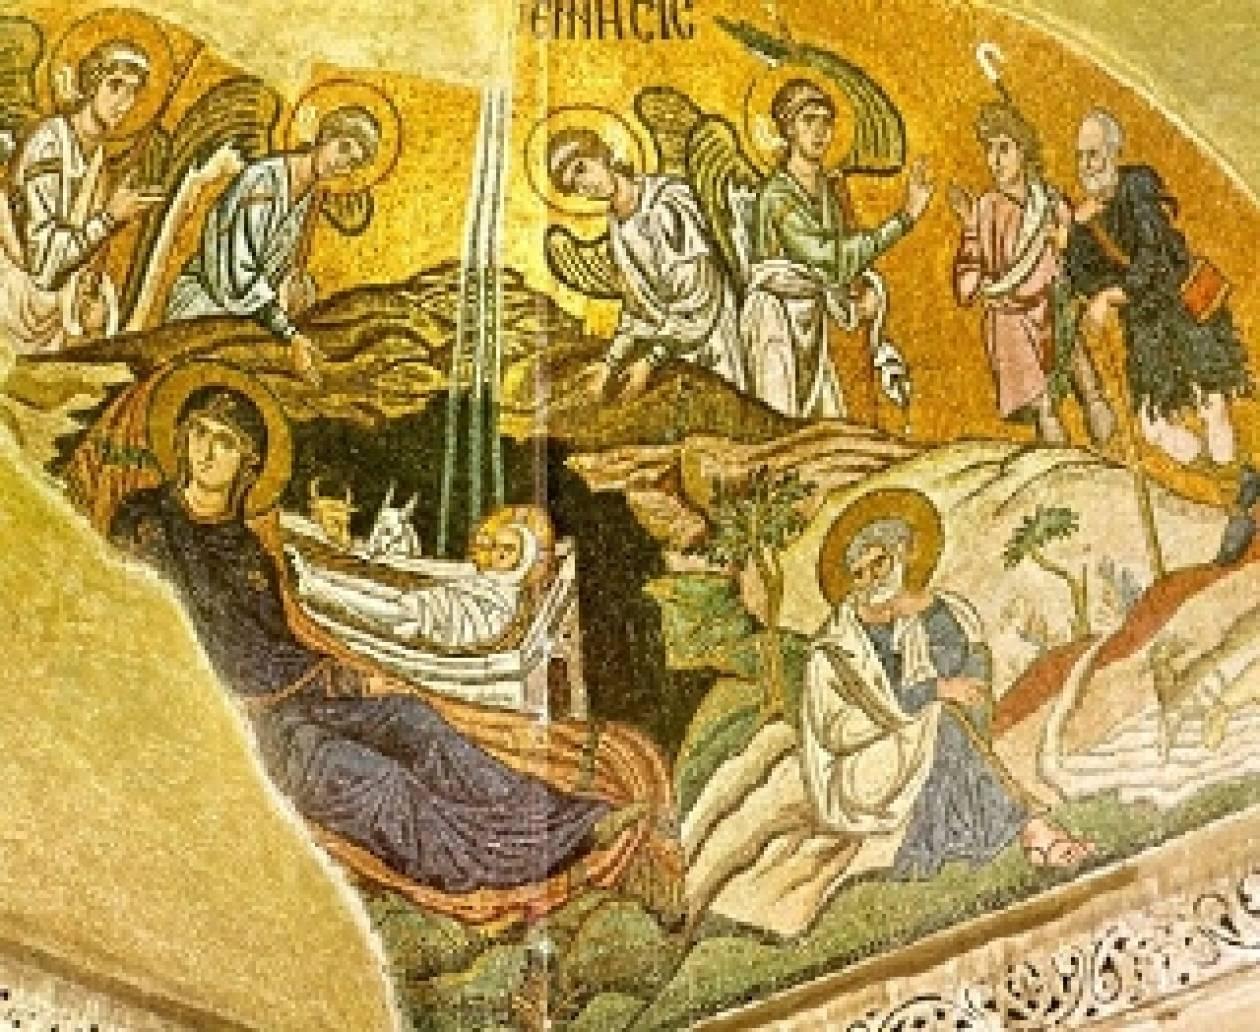 Υποδοχή Ιερού Λειψάνου Αγ. Γεωργίου Καρσλίδη στα Γιαννιτσά